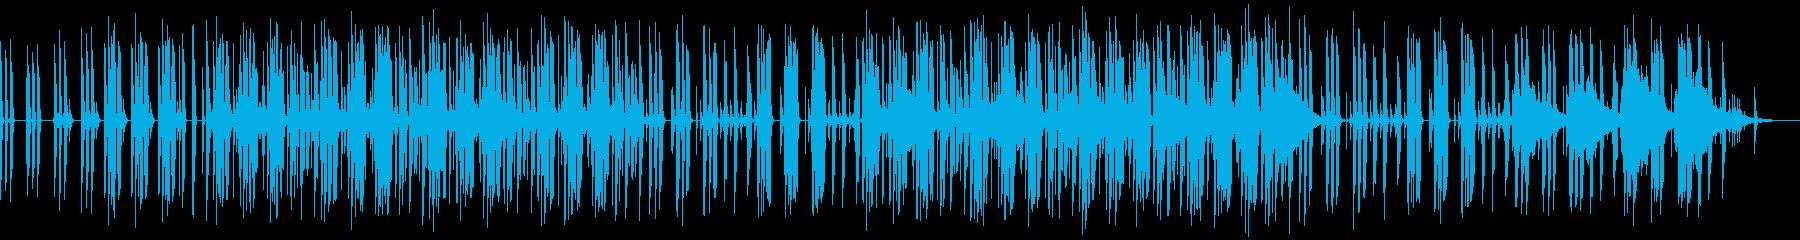 エキゾチックでかわいいテクノポップの再生済みの波形